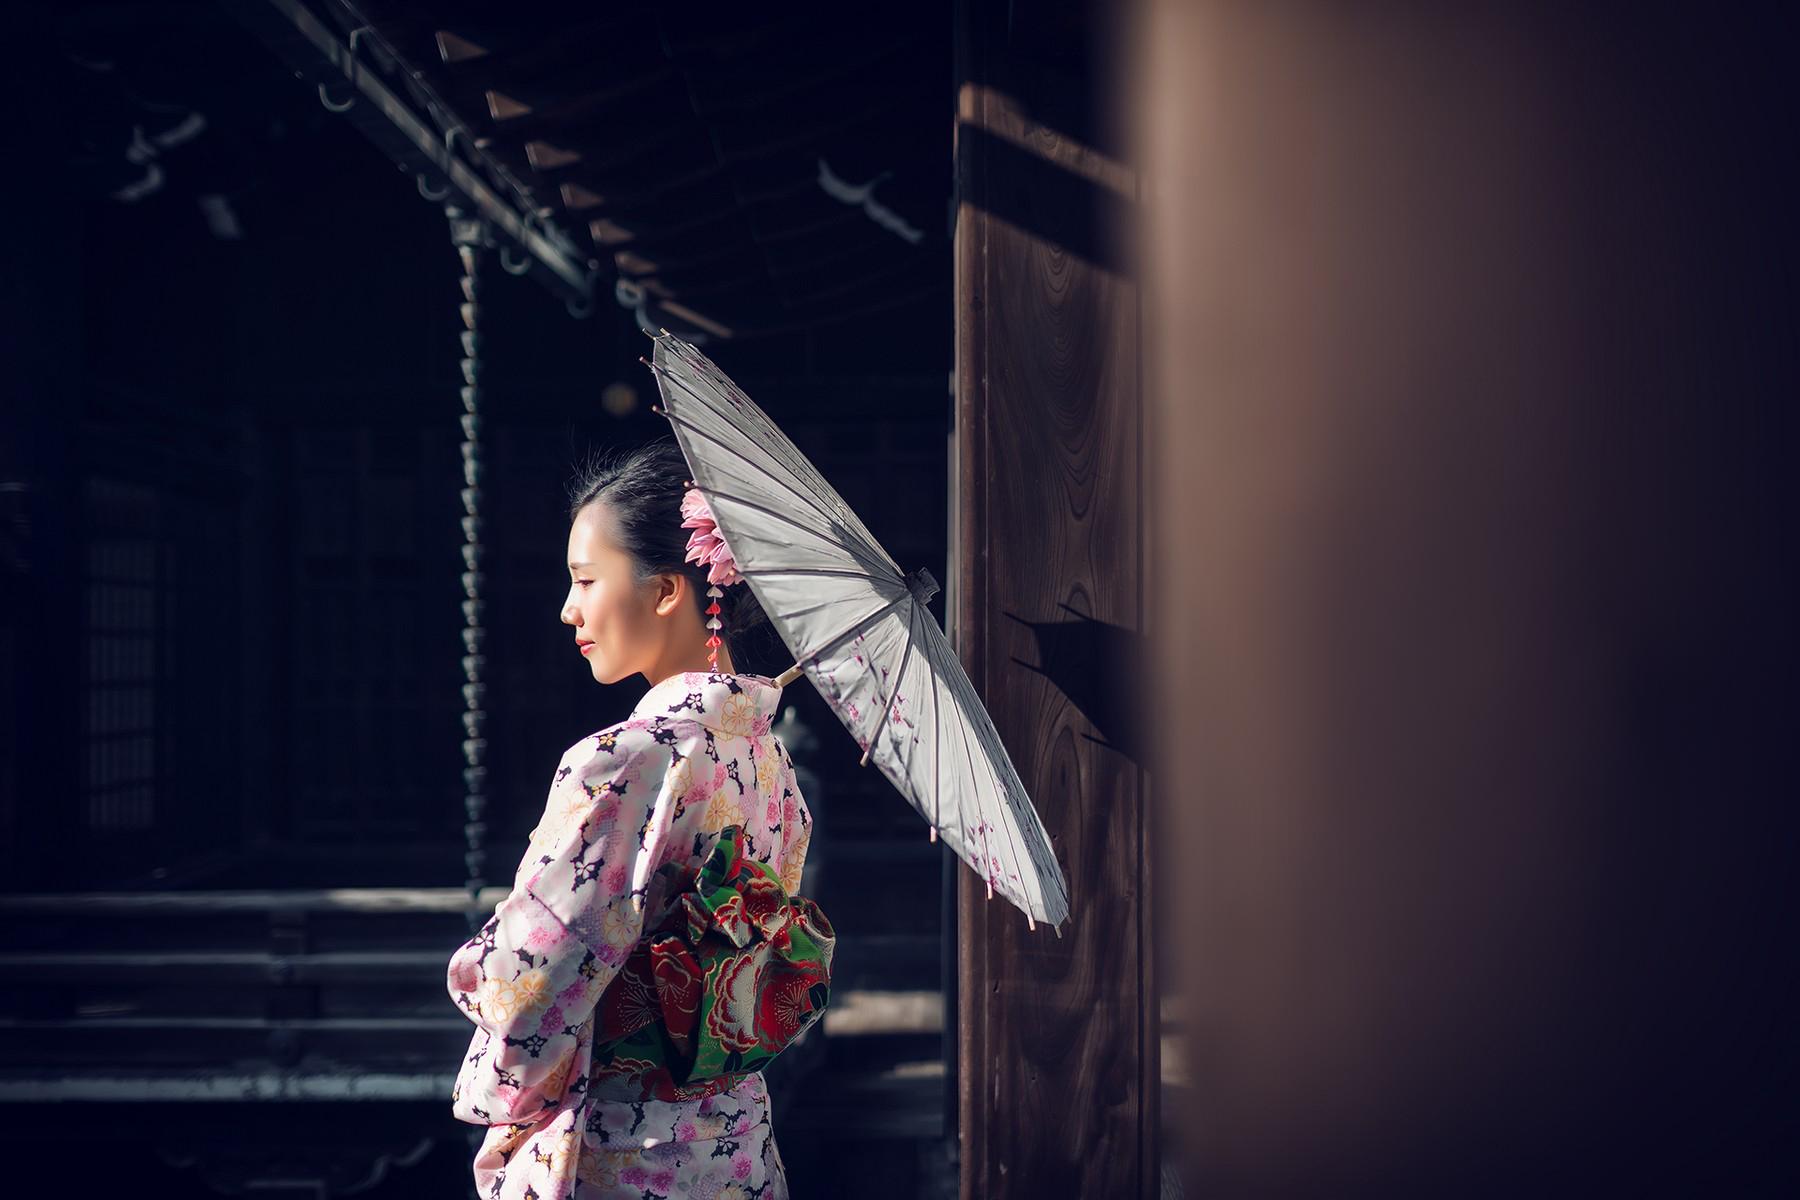 冲繩旅拍,婚紗攝影,拍婚紗,海外婚紗,婚紗照,旅行婚紗